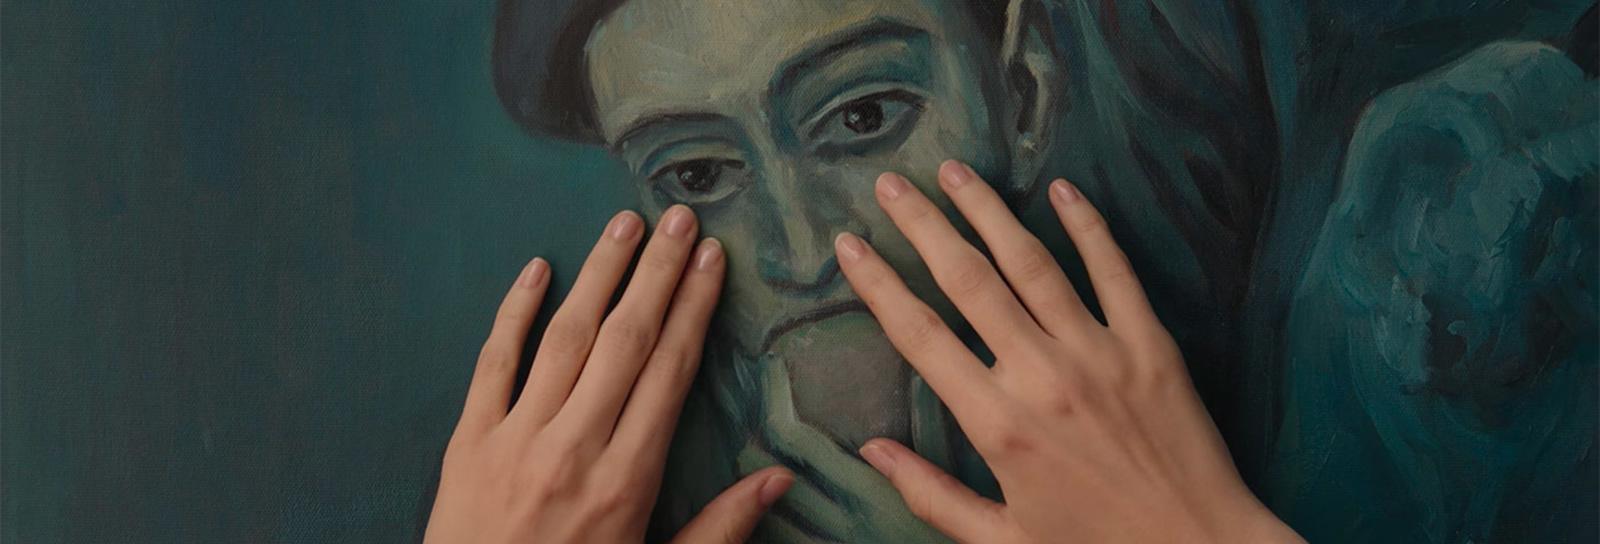 Exposição em Moscou apresenta quadros de grandes artistas a deficientes visuais